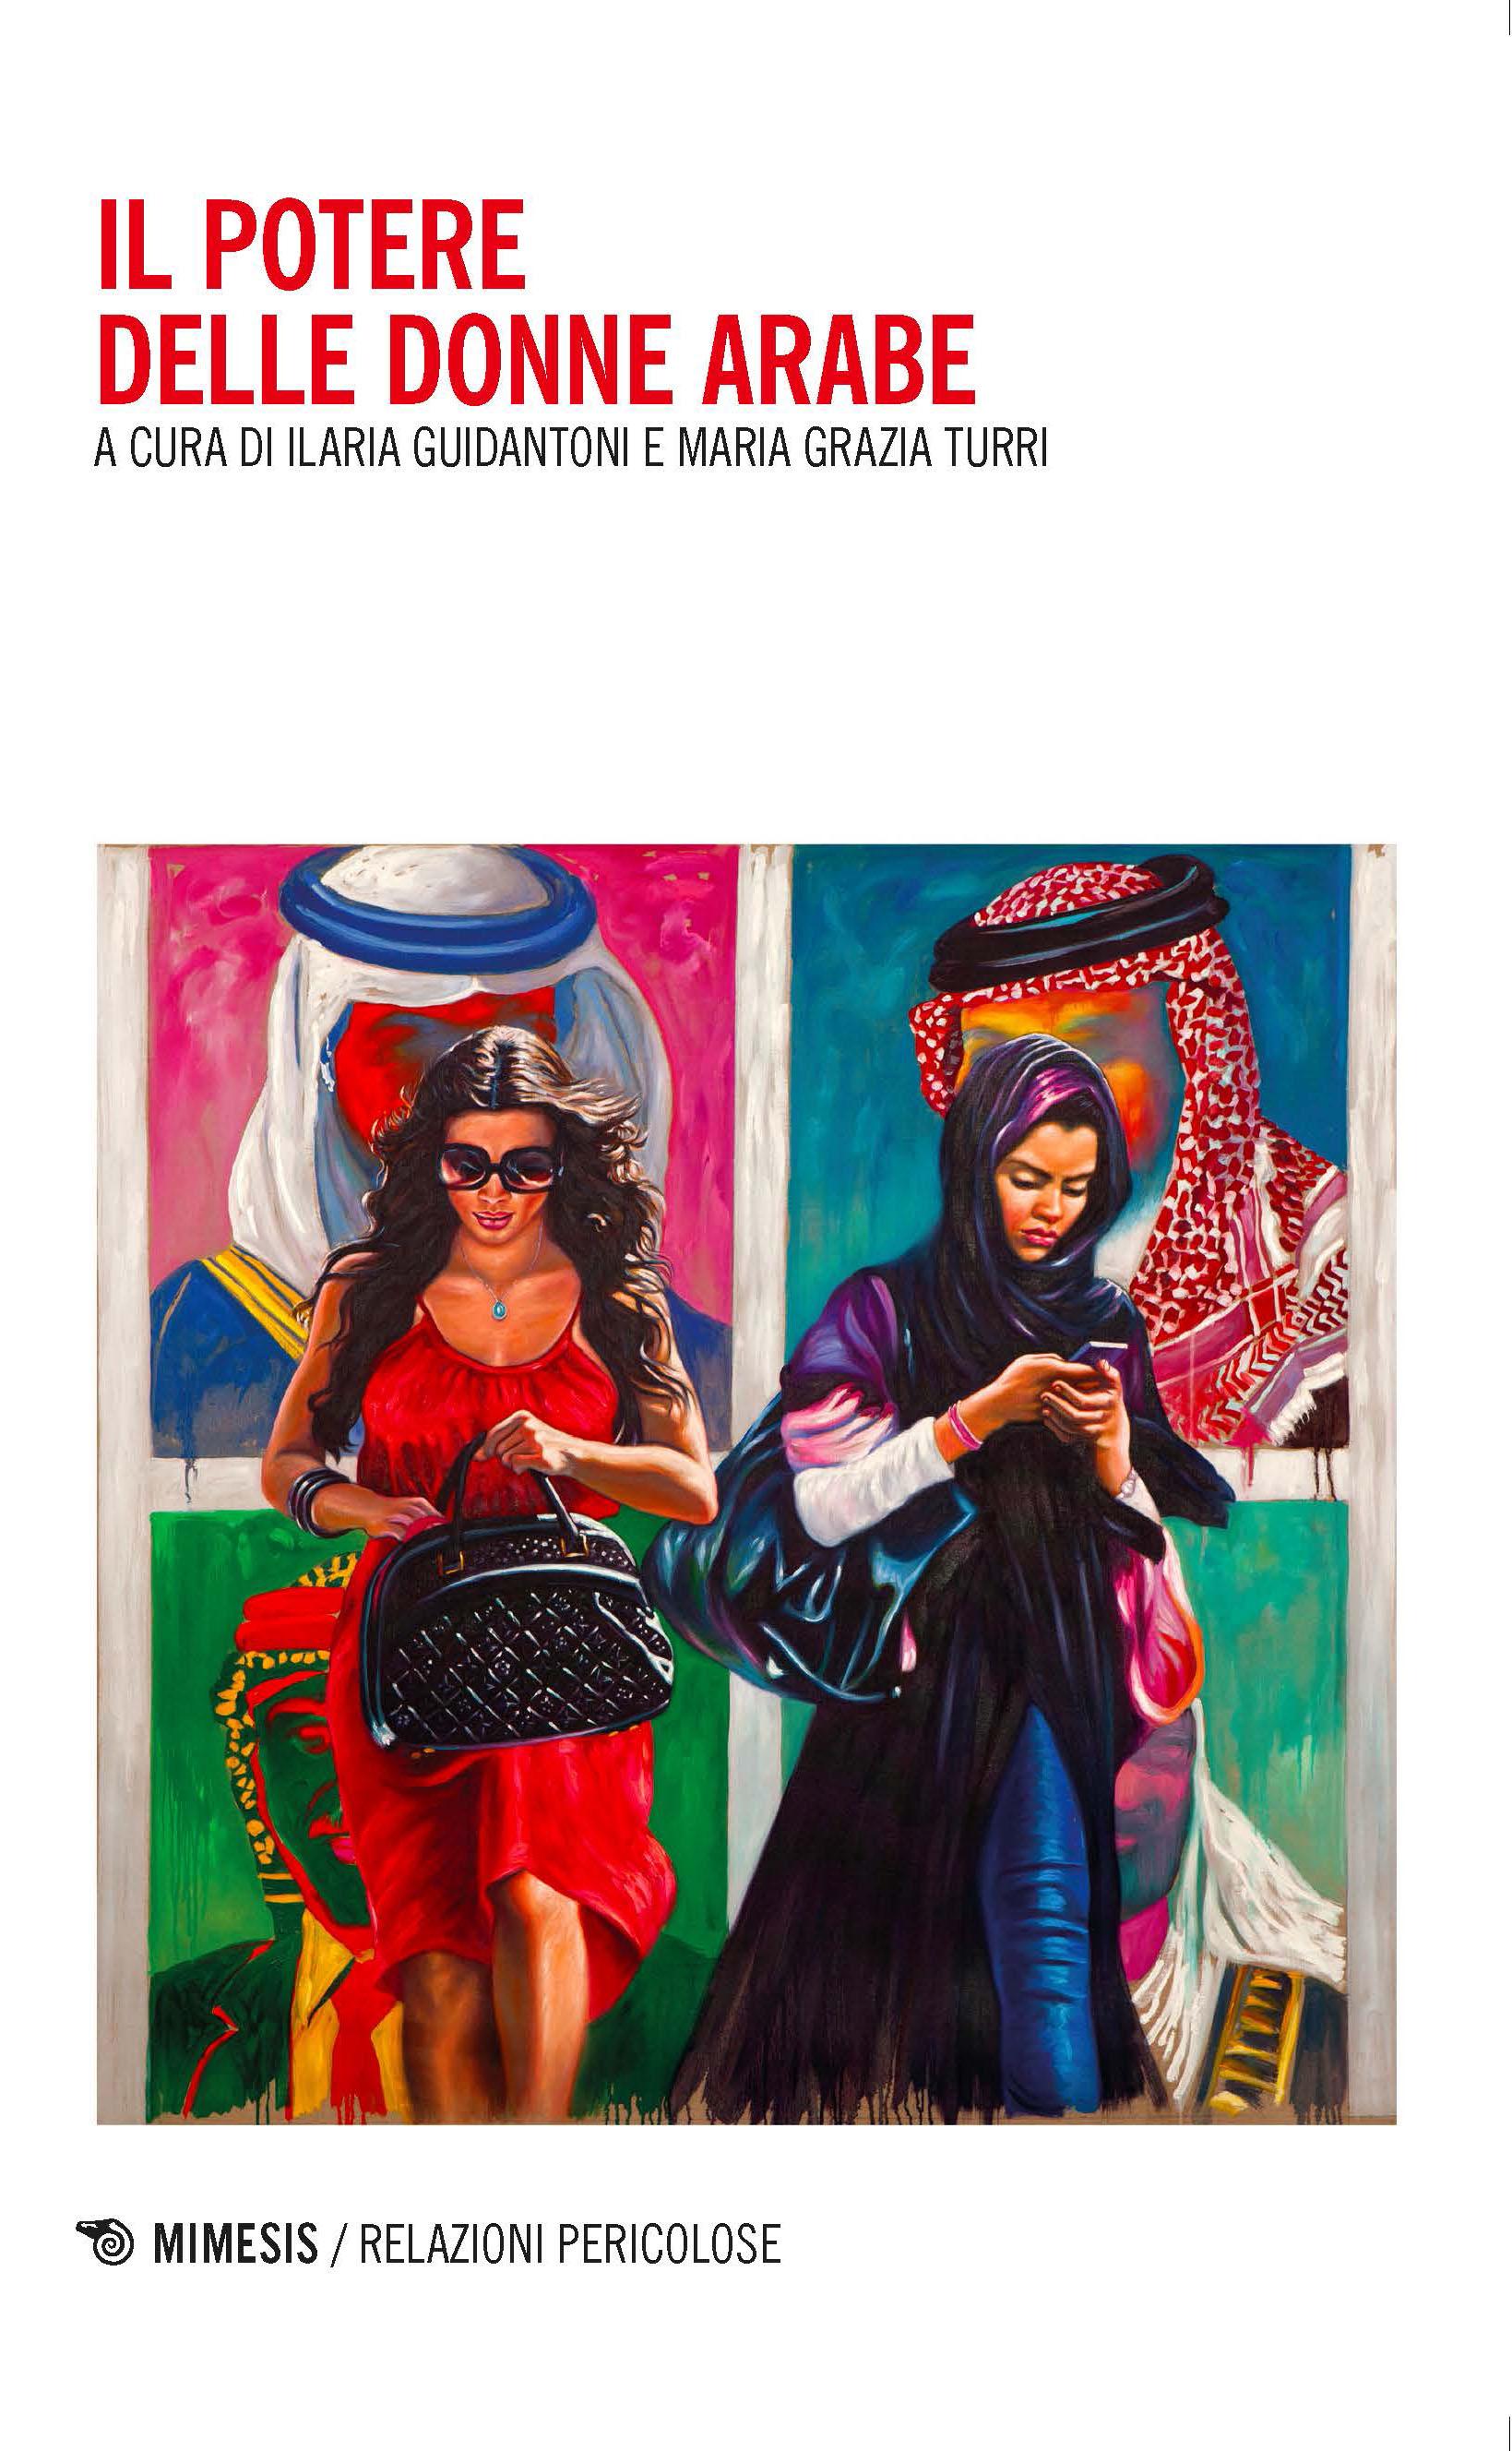 Il potere delle donne arabe